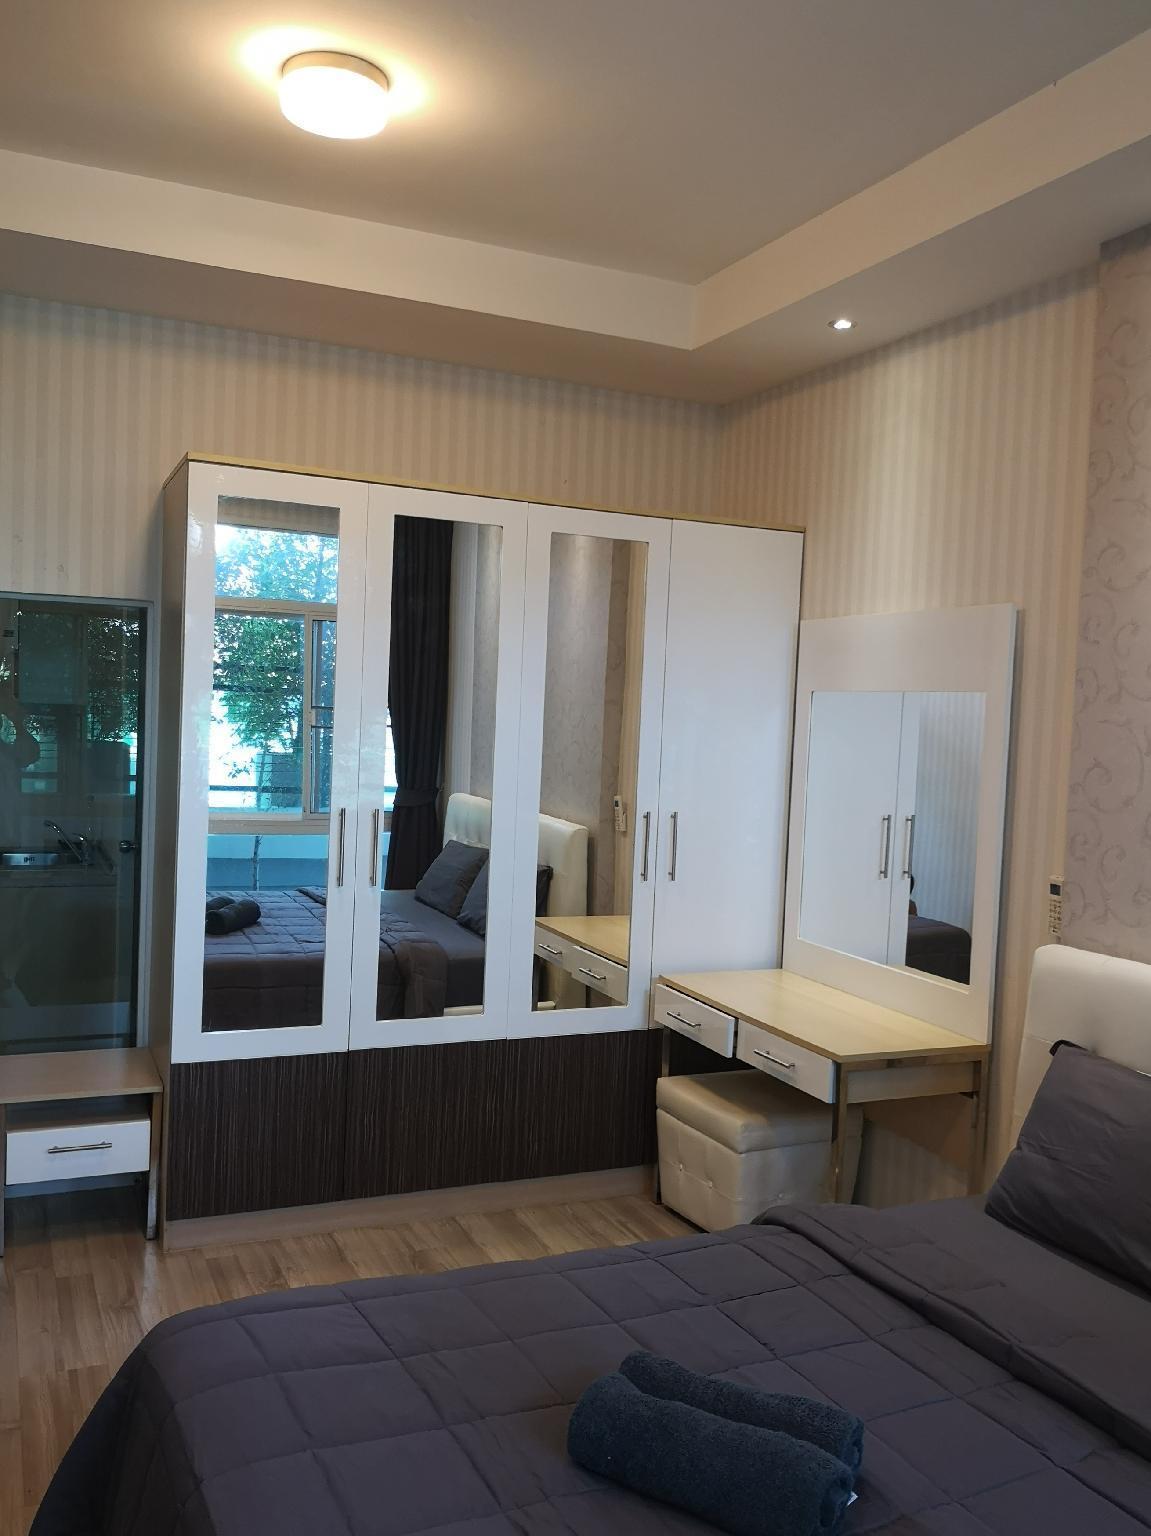 Make you feel at home อพาร์ตเมนต์ 1 ห้องนอน 1 ห้องน้ำส่วนตัว ขนาด 41 ตร.ม. – สันทราย